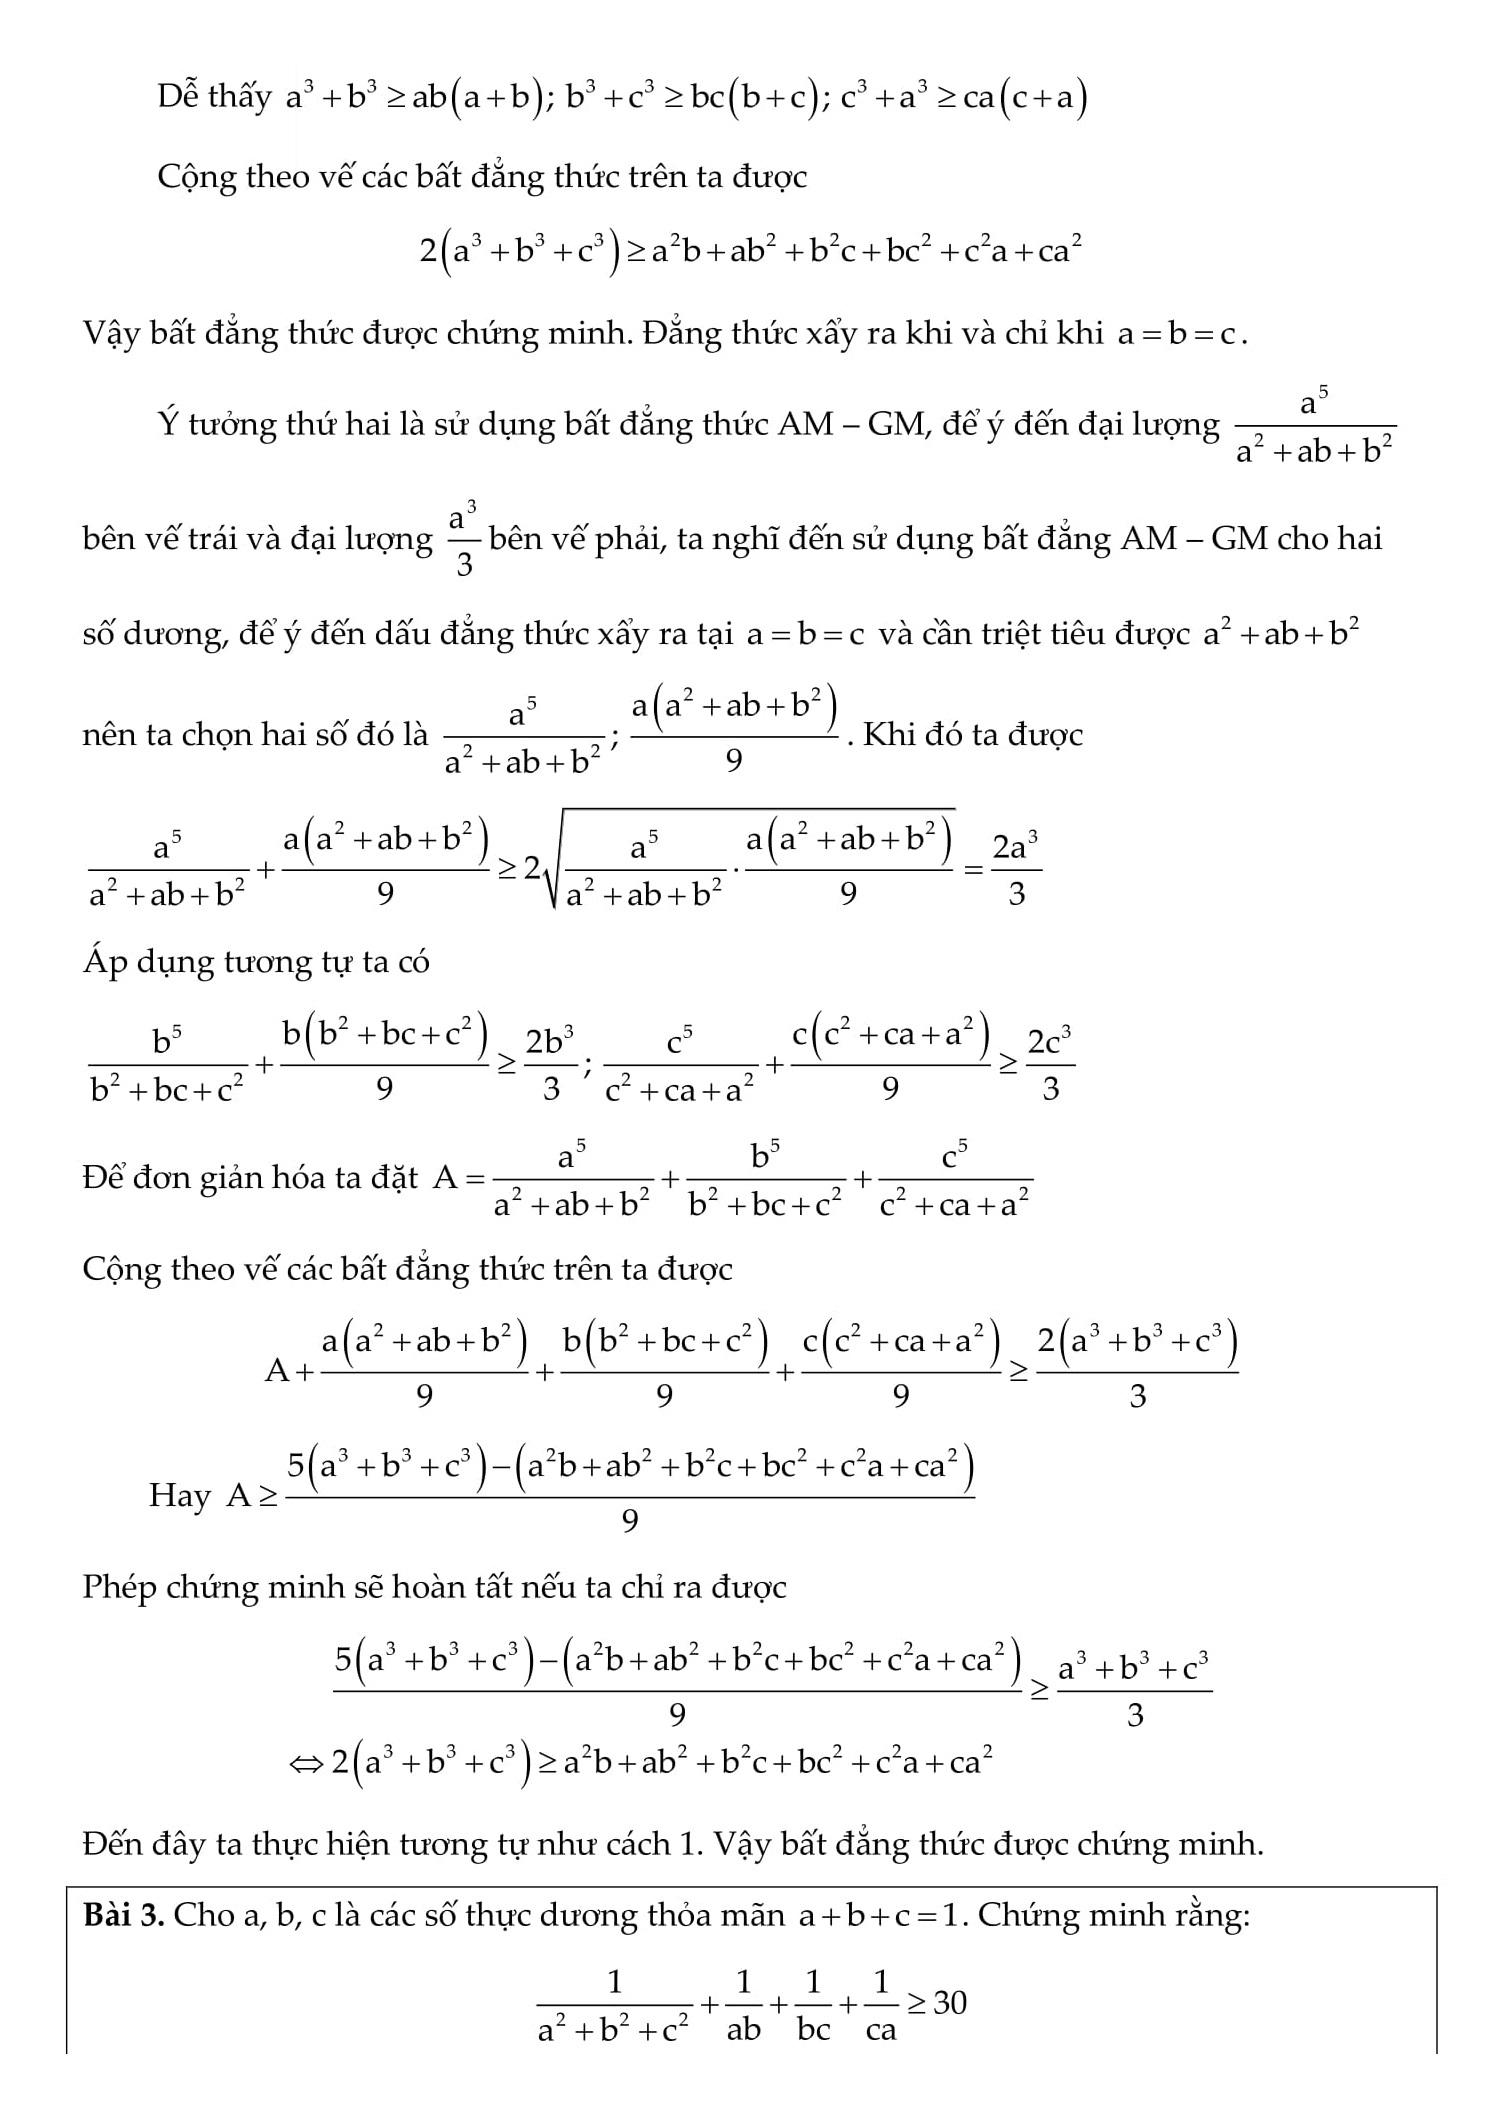 Tổng hợp các bài toán bất đẳng thức cơ bản và nâng cao